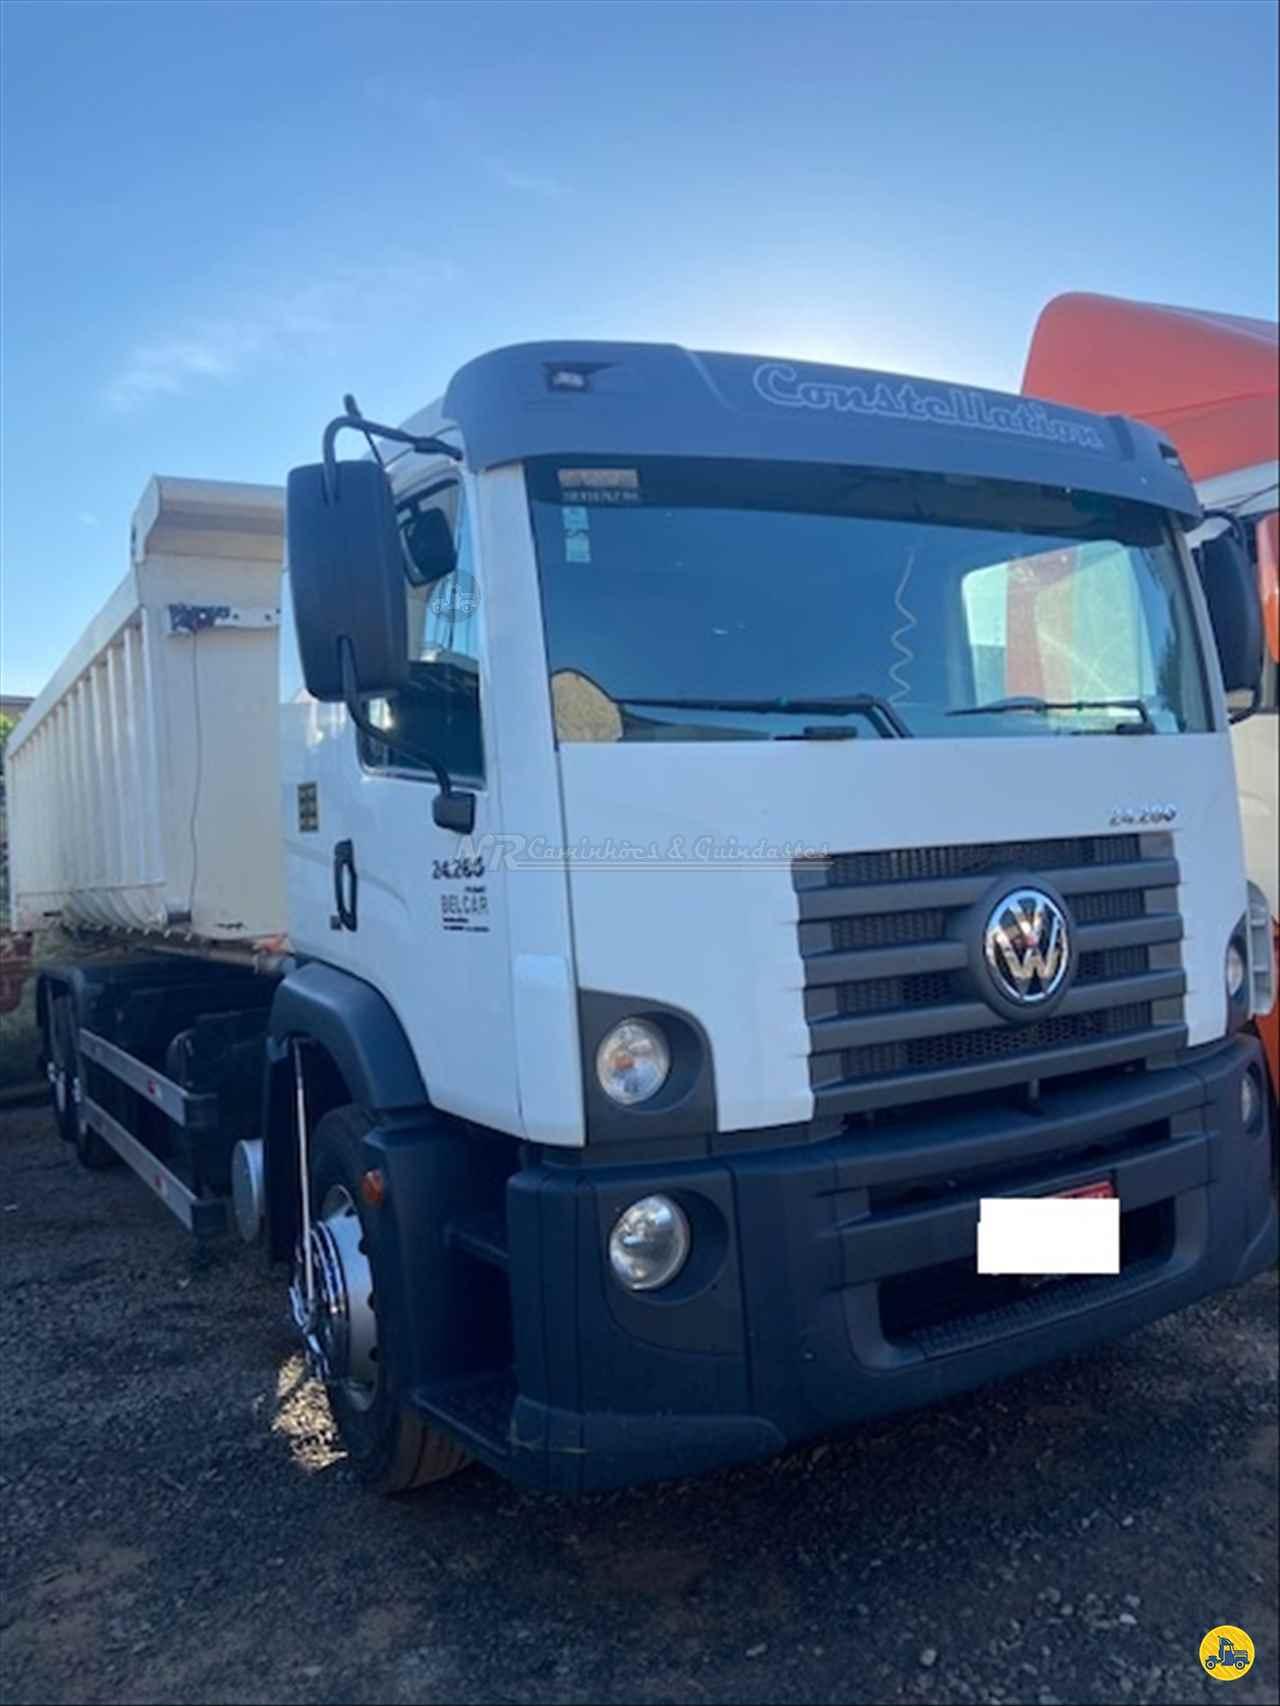 CAMINHAO VOLKSWAGEN VW 24280 Caçamba Basculante Truck 6x2 NR Caminhões e Guindastes GOIANIA GOIAS GO